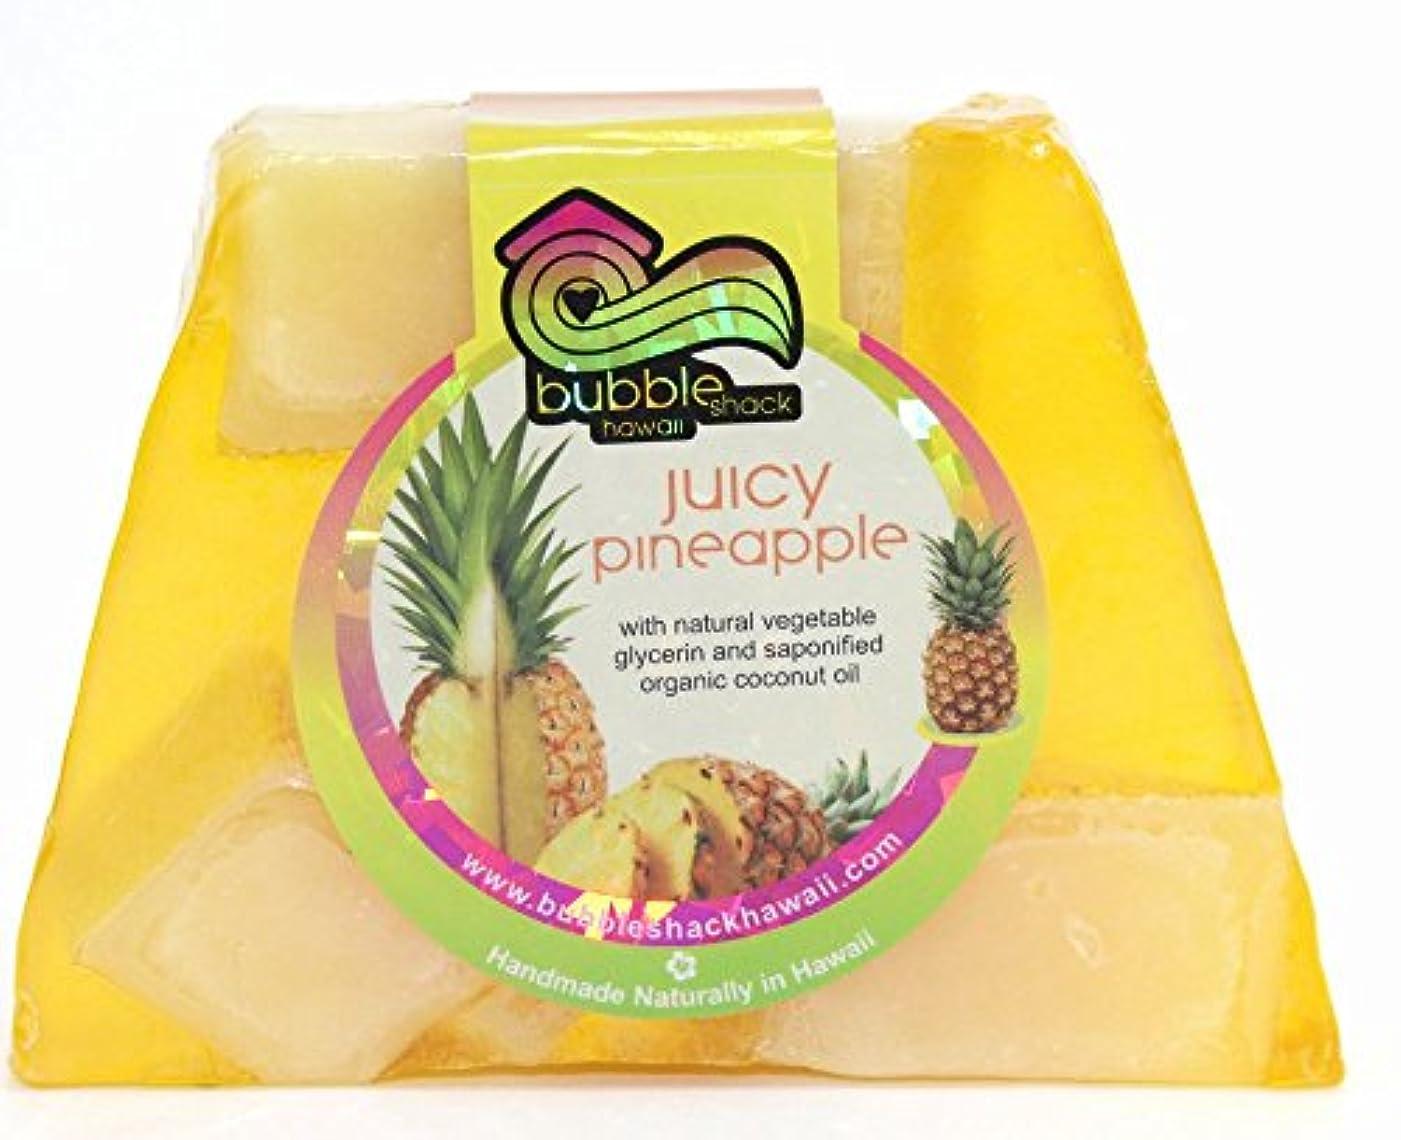 残基添加剤拒否ハワイ お土産 ハワイアン雑貨 バブルシャック パイナップル チャンクソープ 石鹸 (パイナップル) ハワイ雑貨